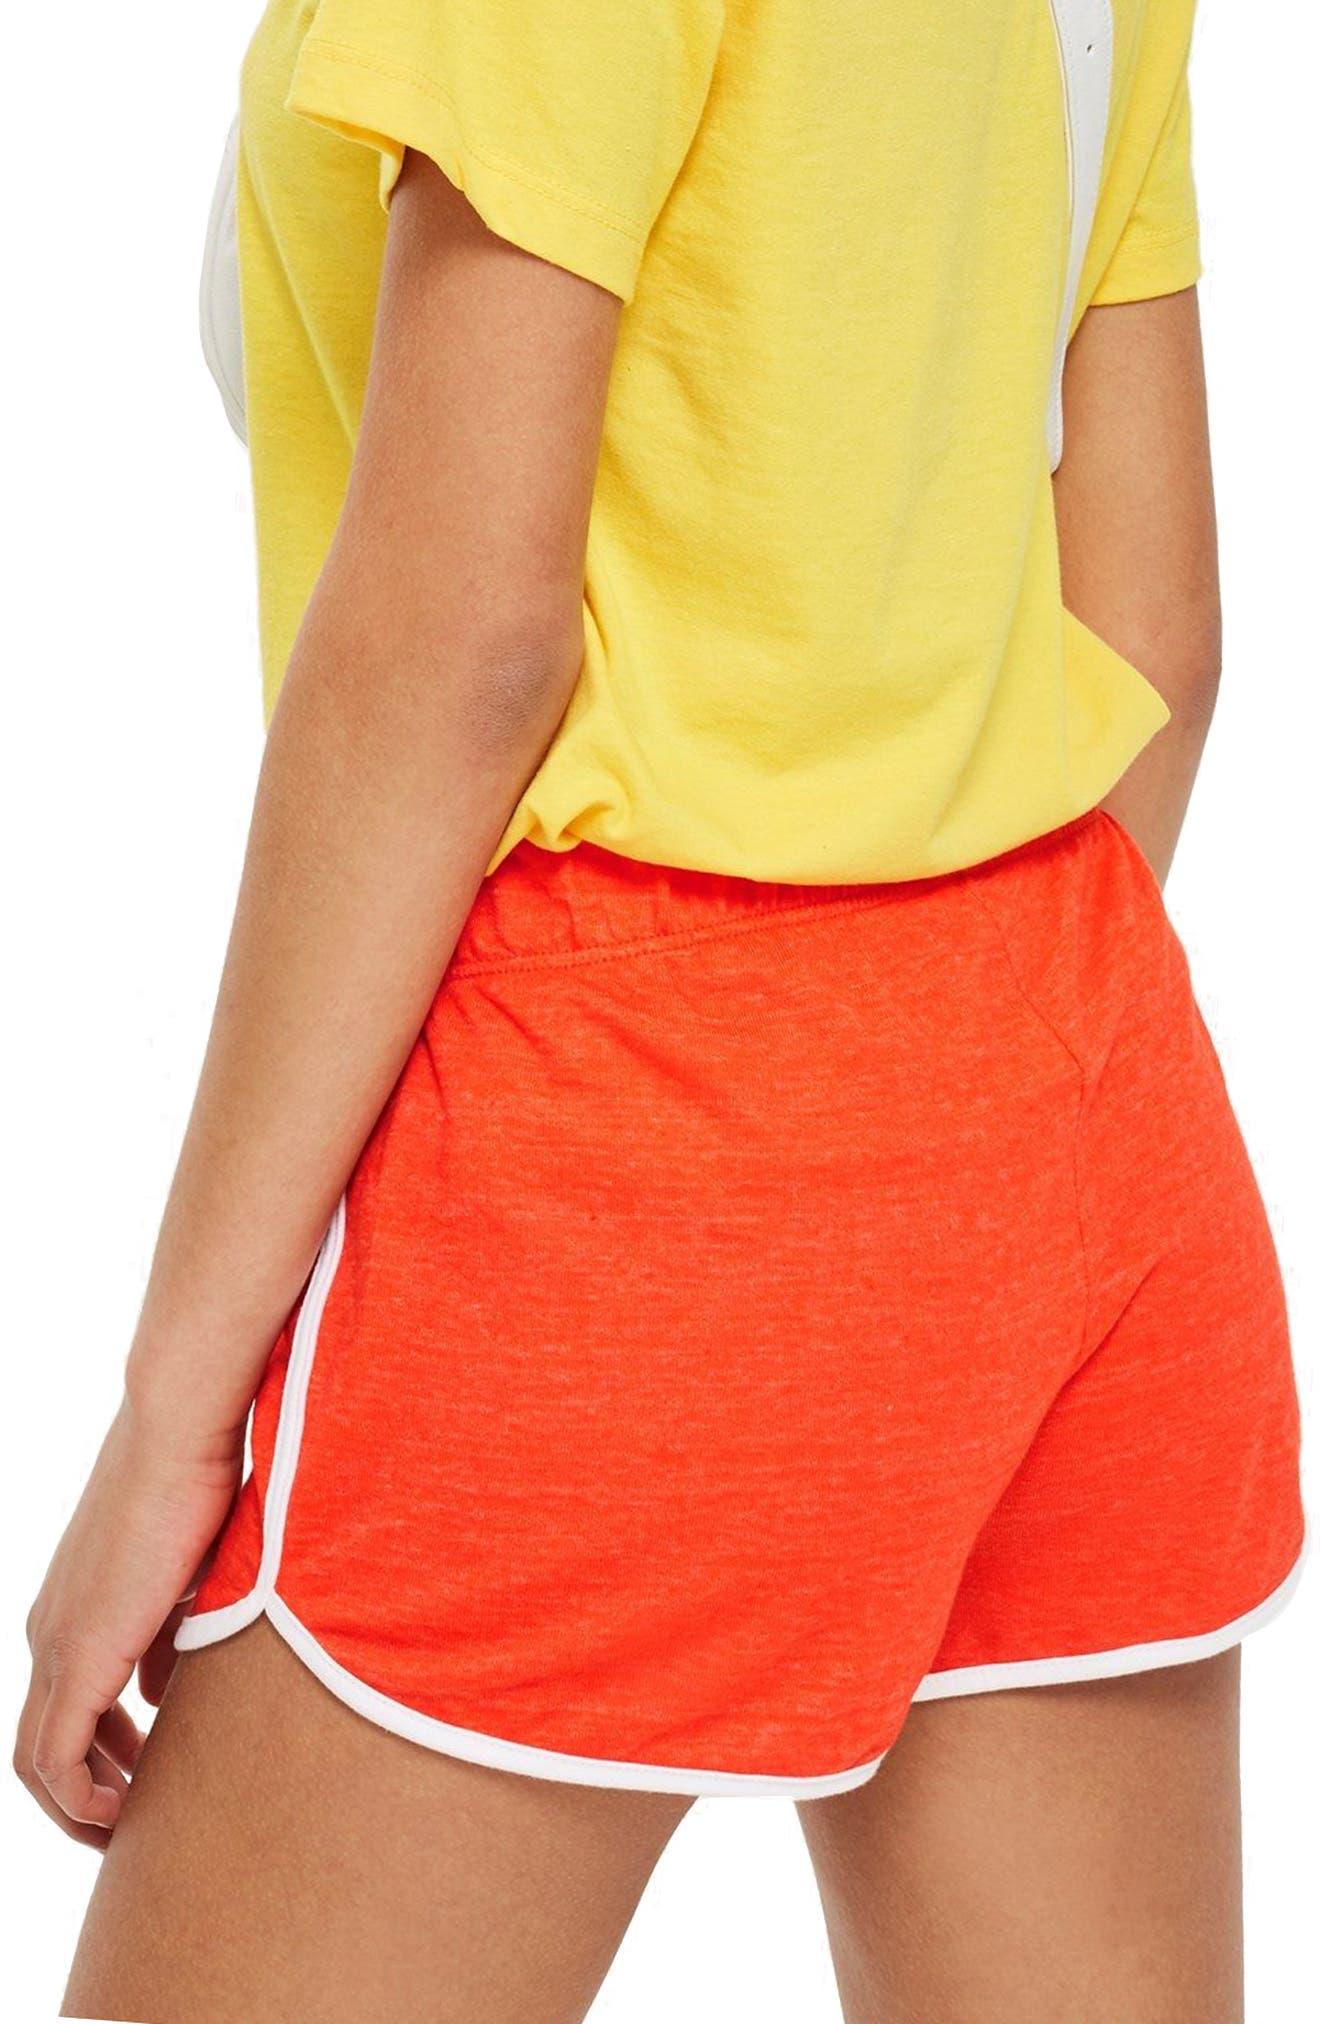 Nep Runner Shorts,                             Alternate thumbnail 2, color,                             600